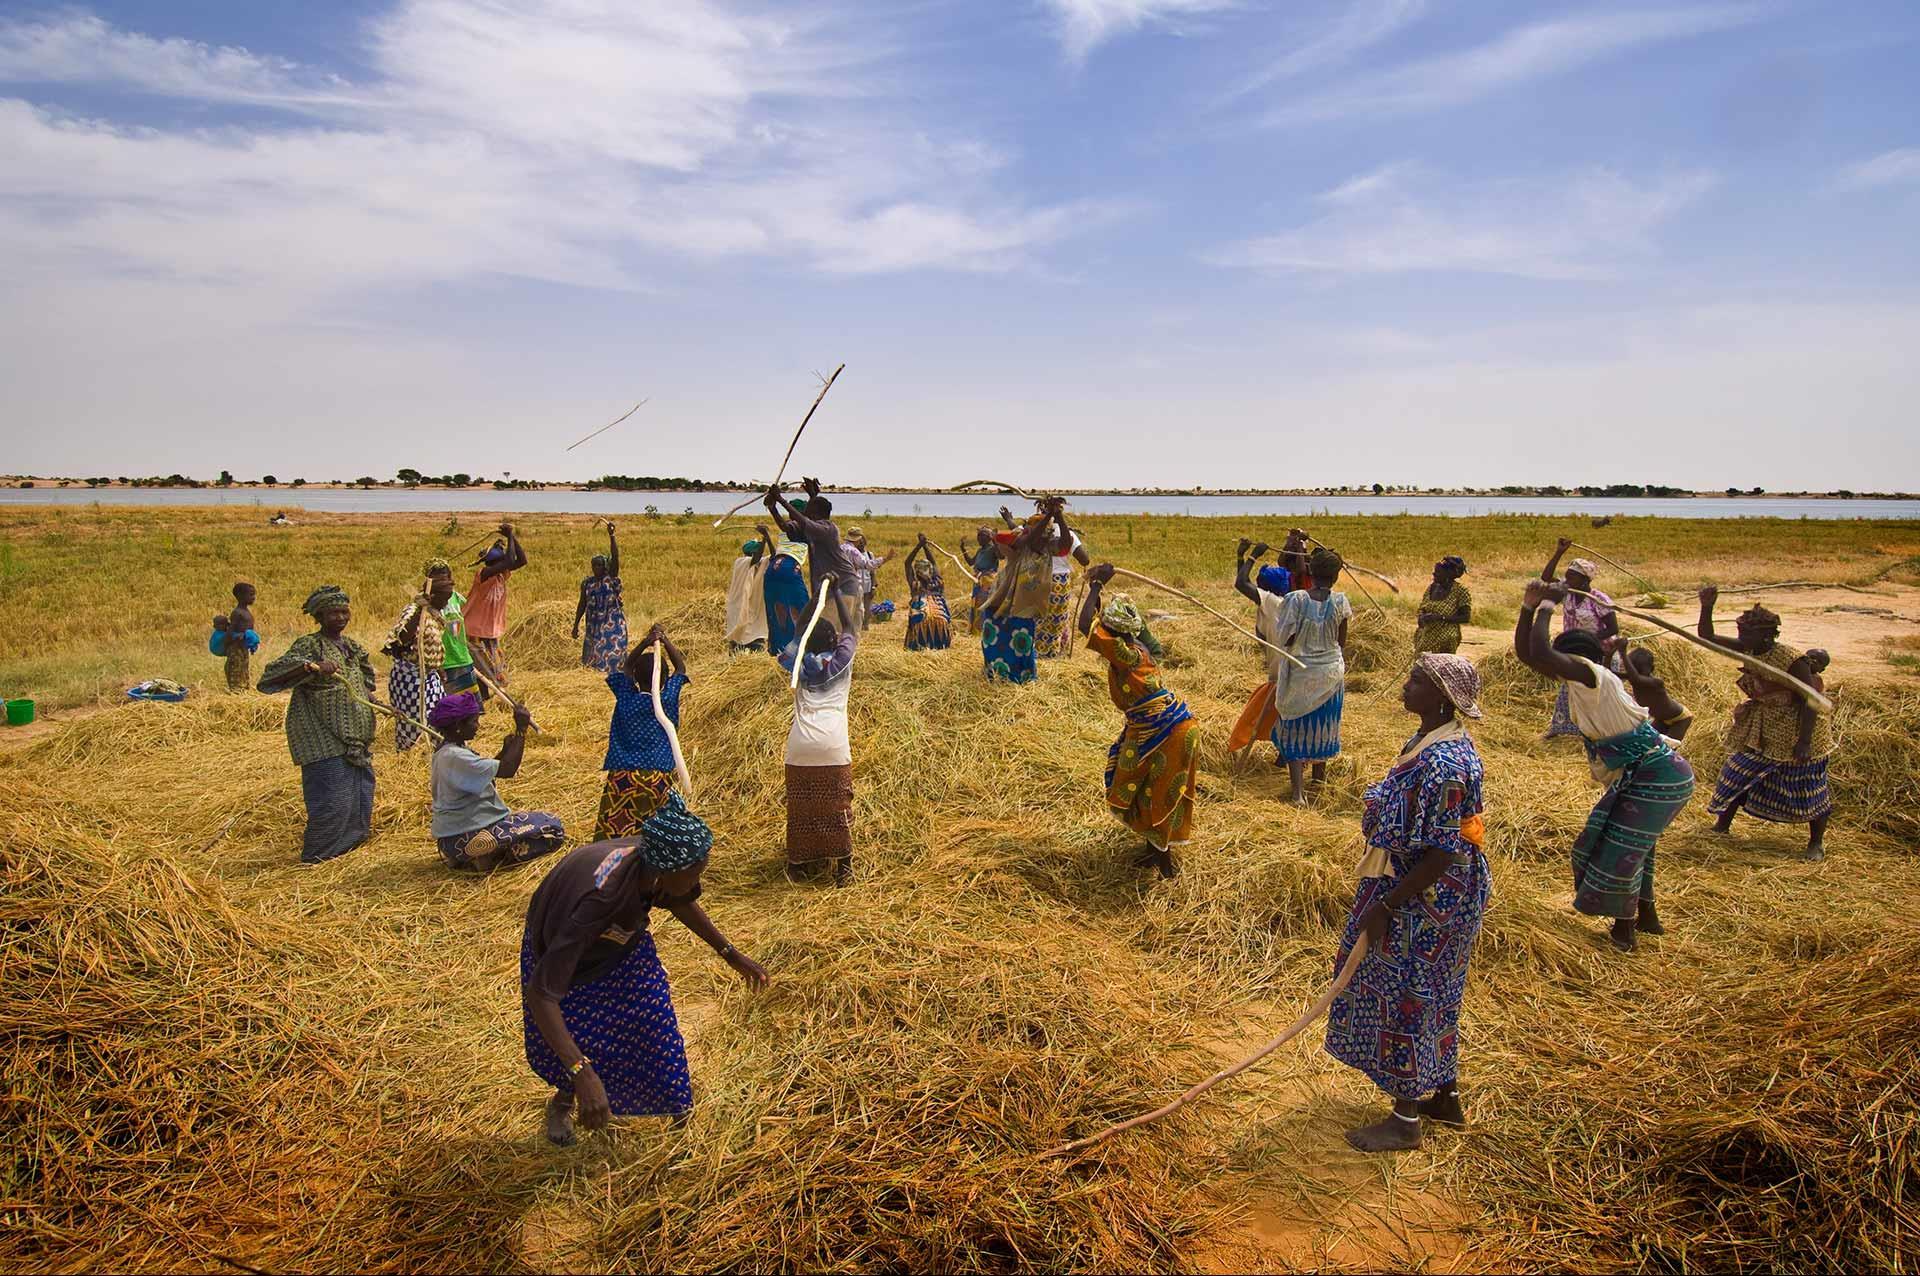 الزراعة والرعي بإفريقيا.. مصدر قوة وصراع